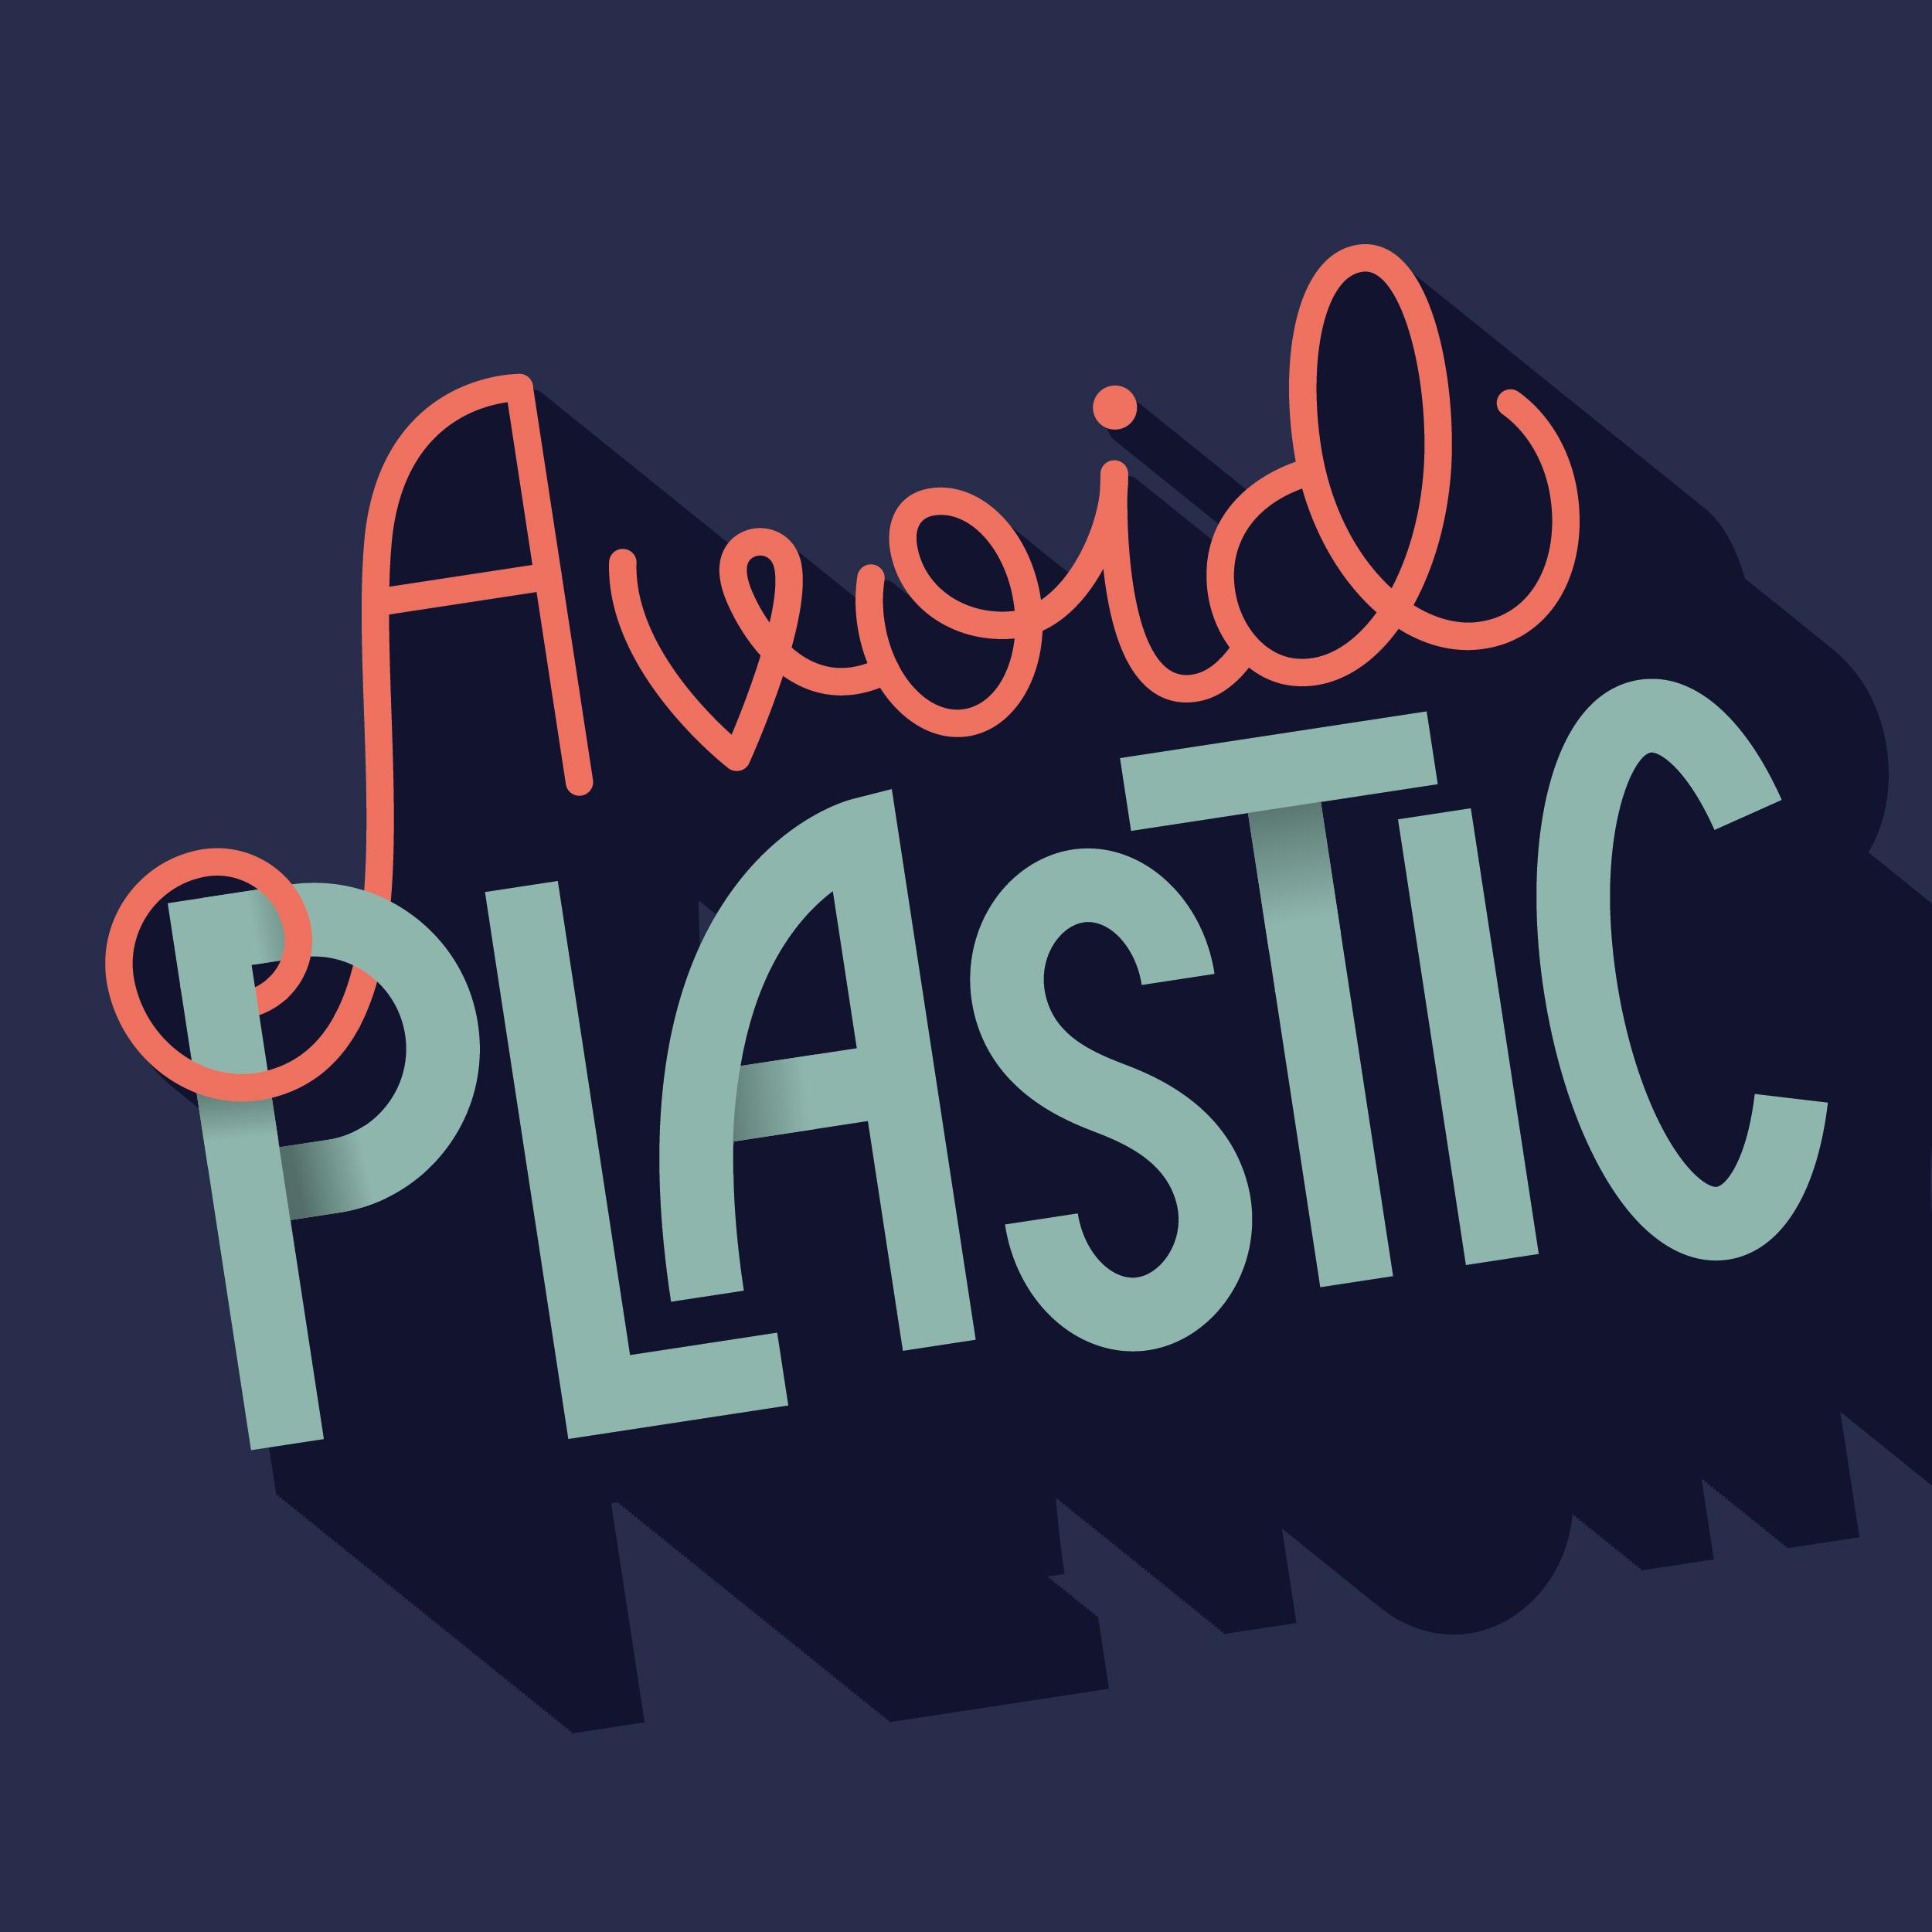 AvoidPlastic-01.jpg